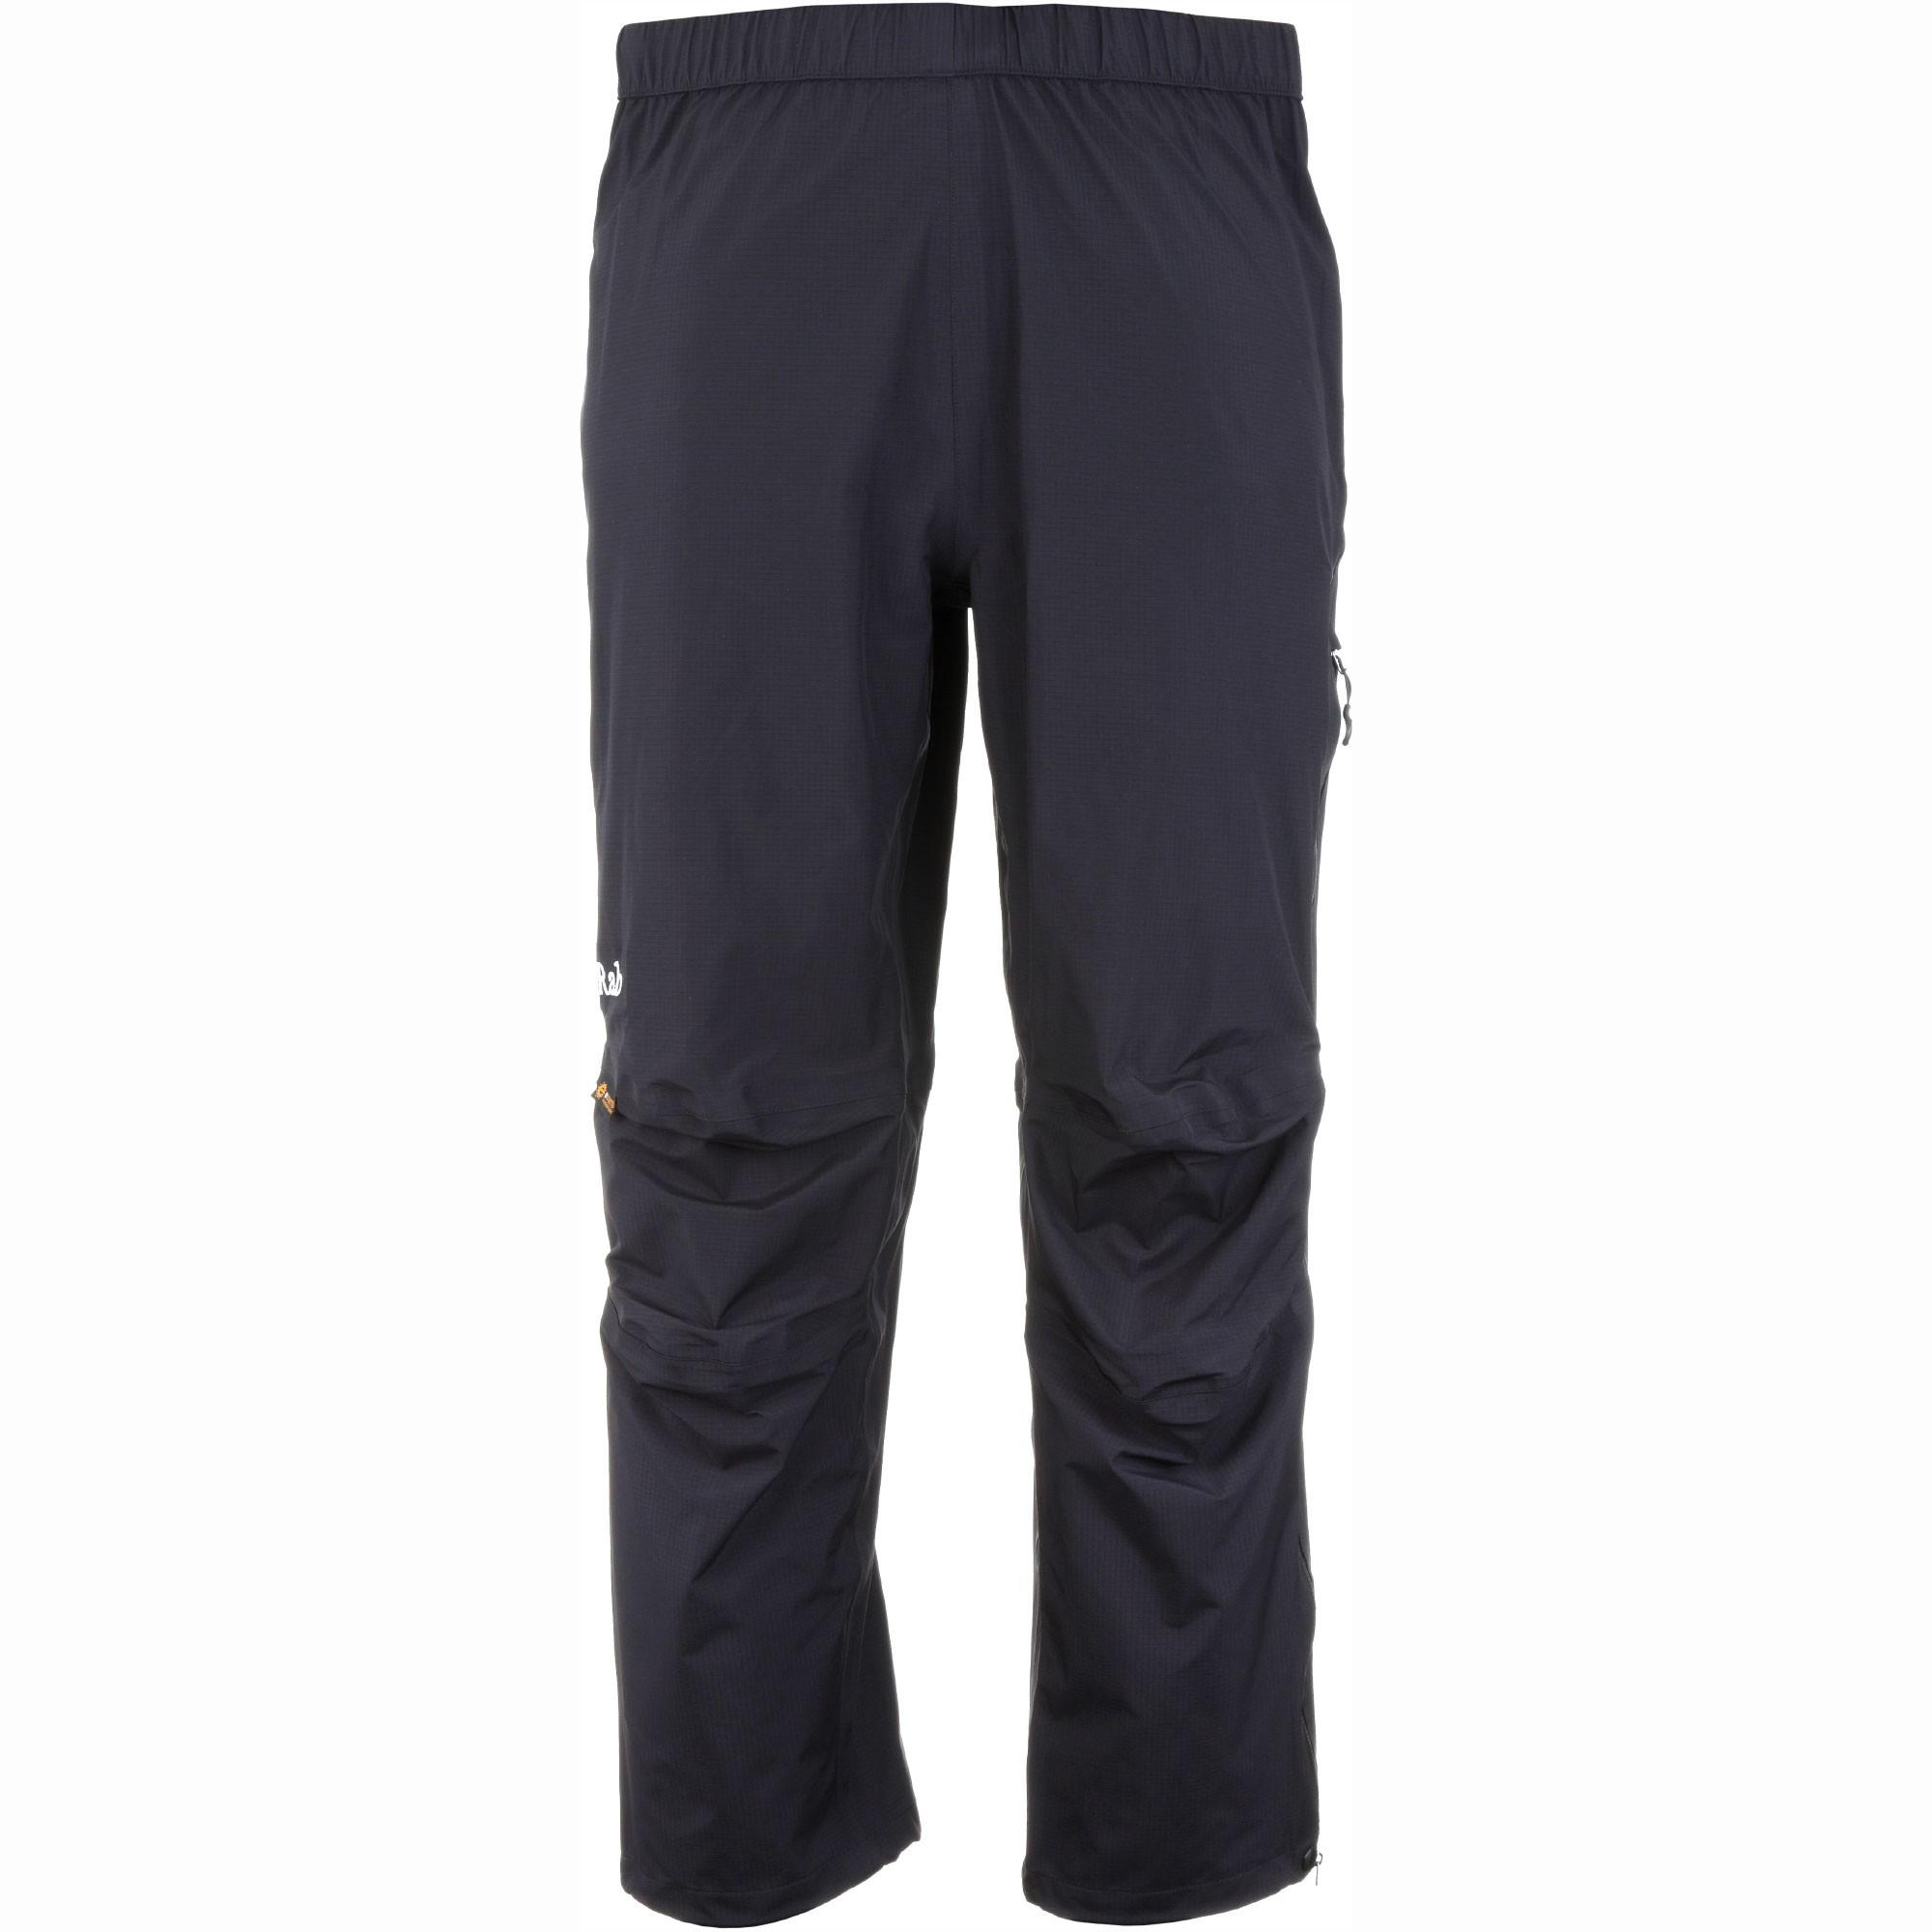 Rab Bergen Waterproof Pants - Black